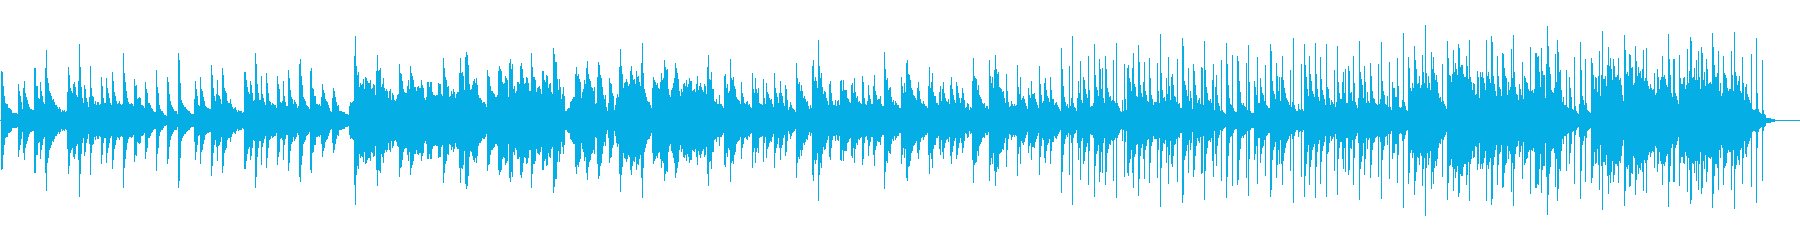 琴と尺八がメインの落ち着いた和風な曲の再生済みの波形